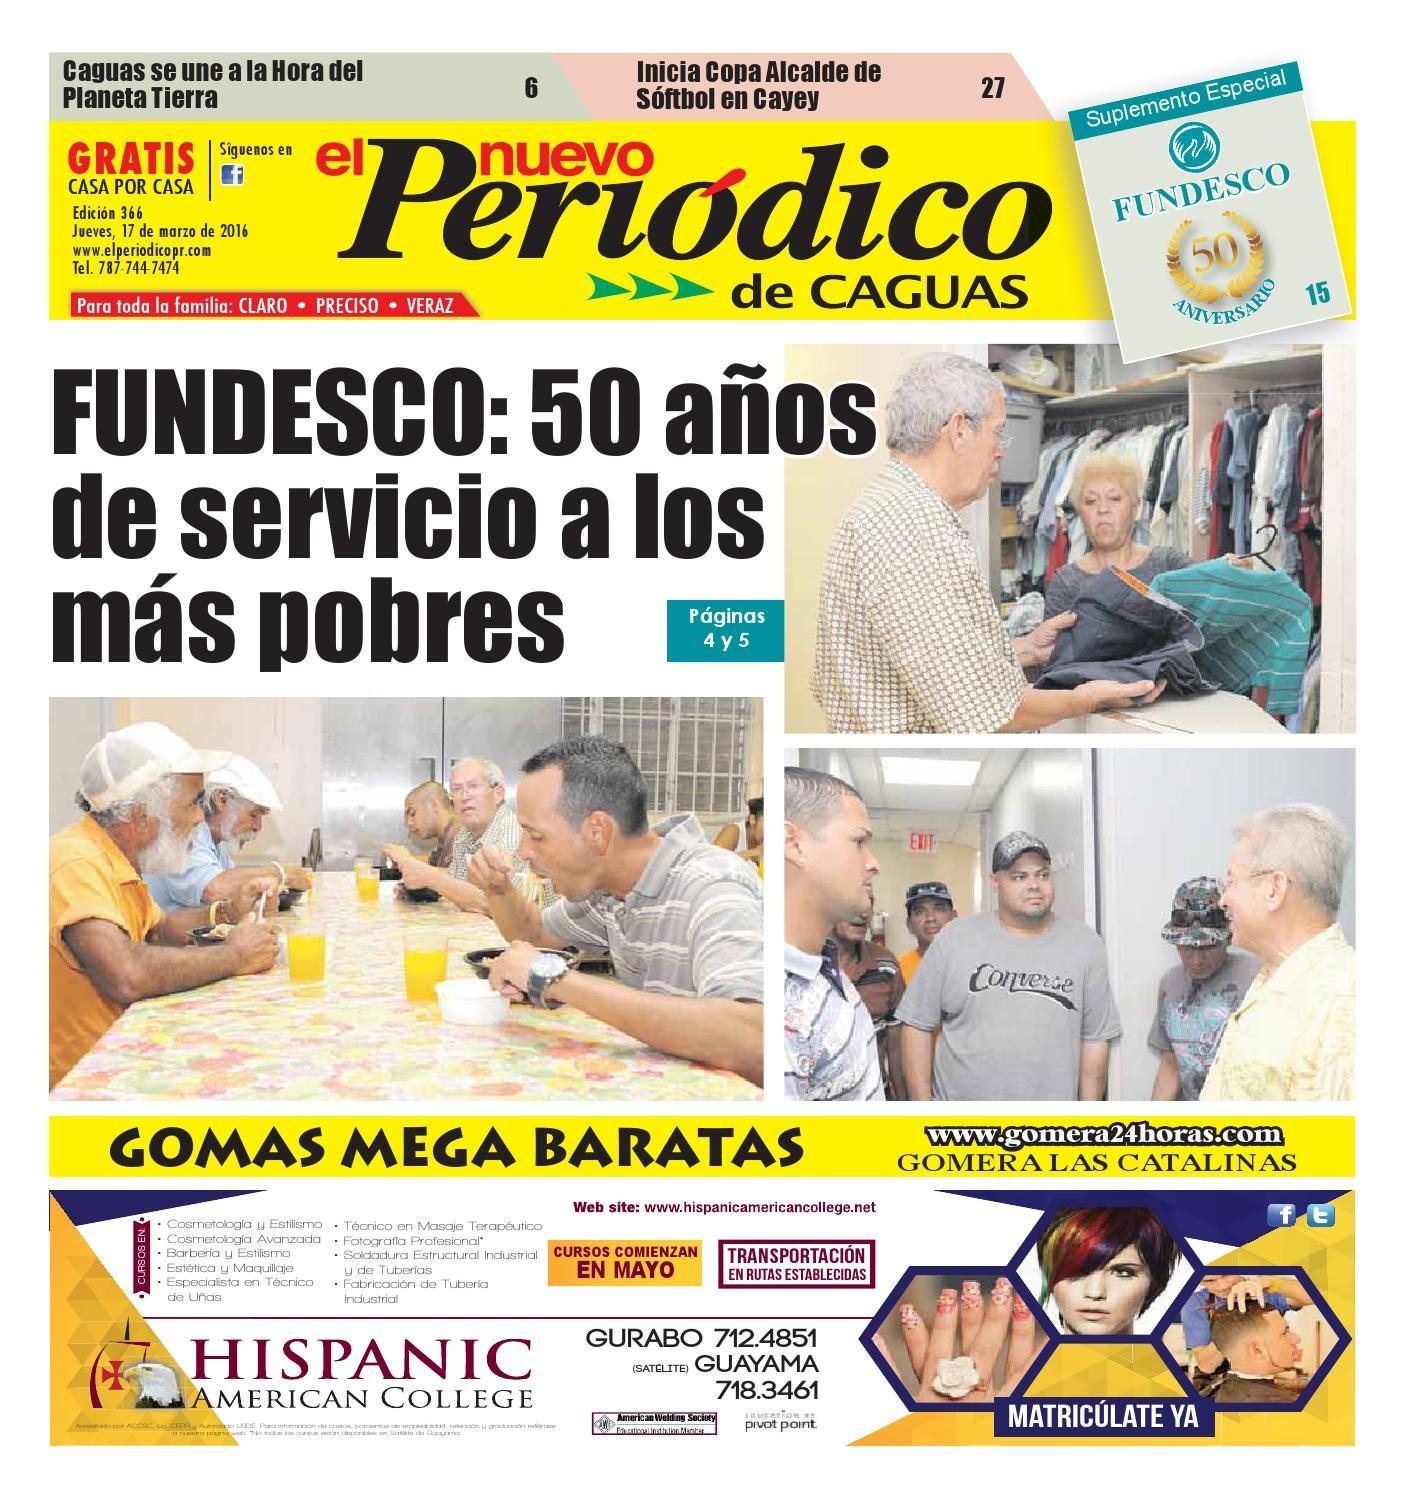 Calendario Laboral 2020 Colombia Recientes El Nuevo Peri³dico Edici³n 366 by El Nuevo Periodico De Of Calendario Laboral 2020 Colombia Más Recientes Famoso Gis Certificado De Programas En Lnea Cresta Para